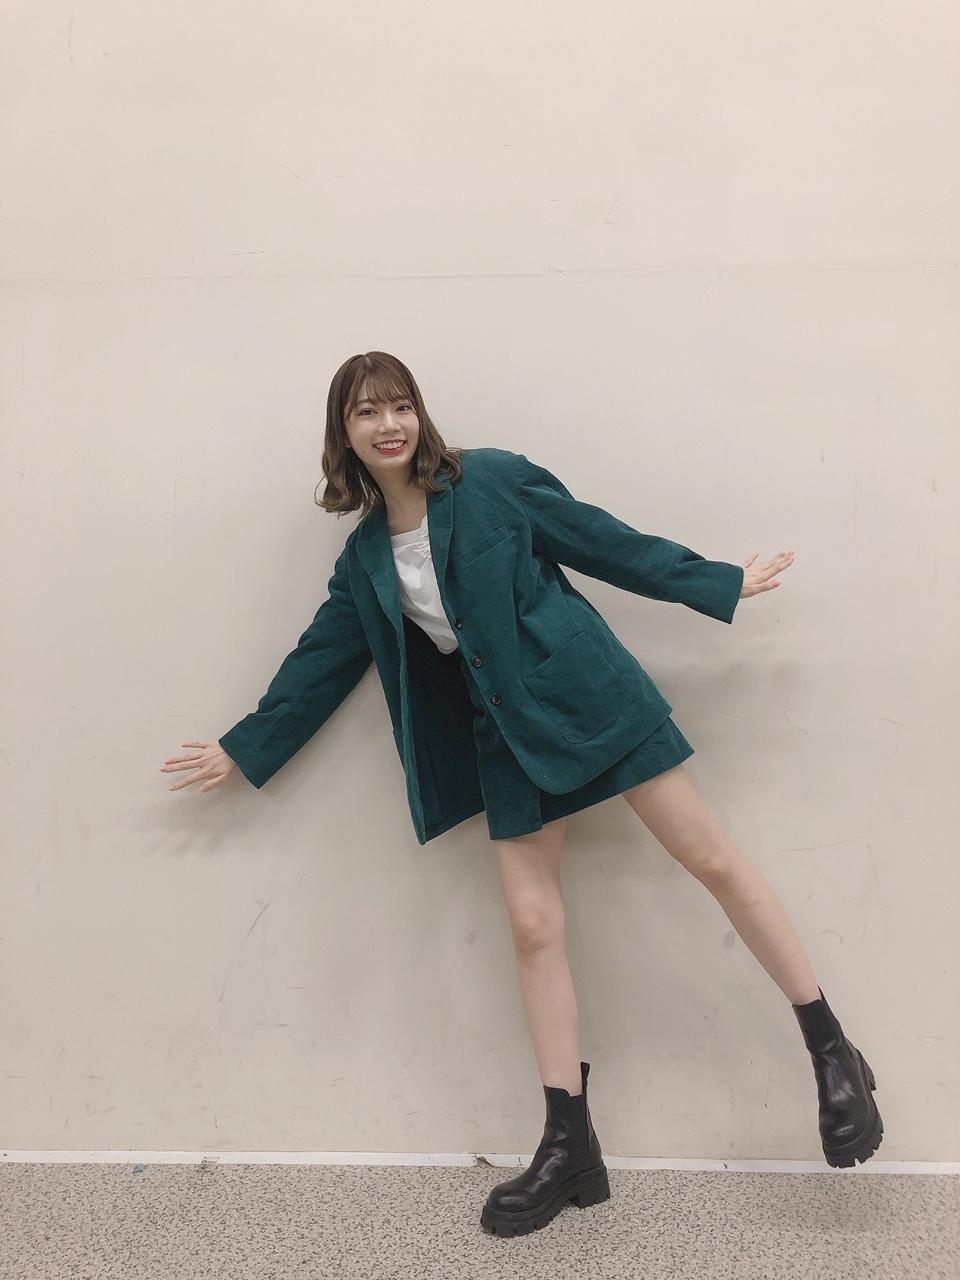 高本 彩花公式ブログ | 日向坂46公式サイト